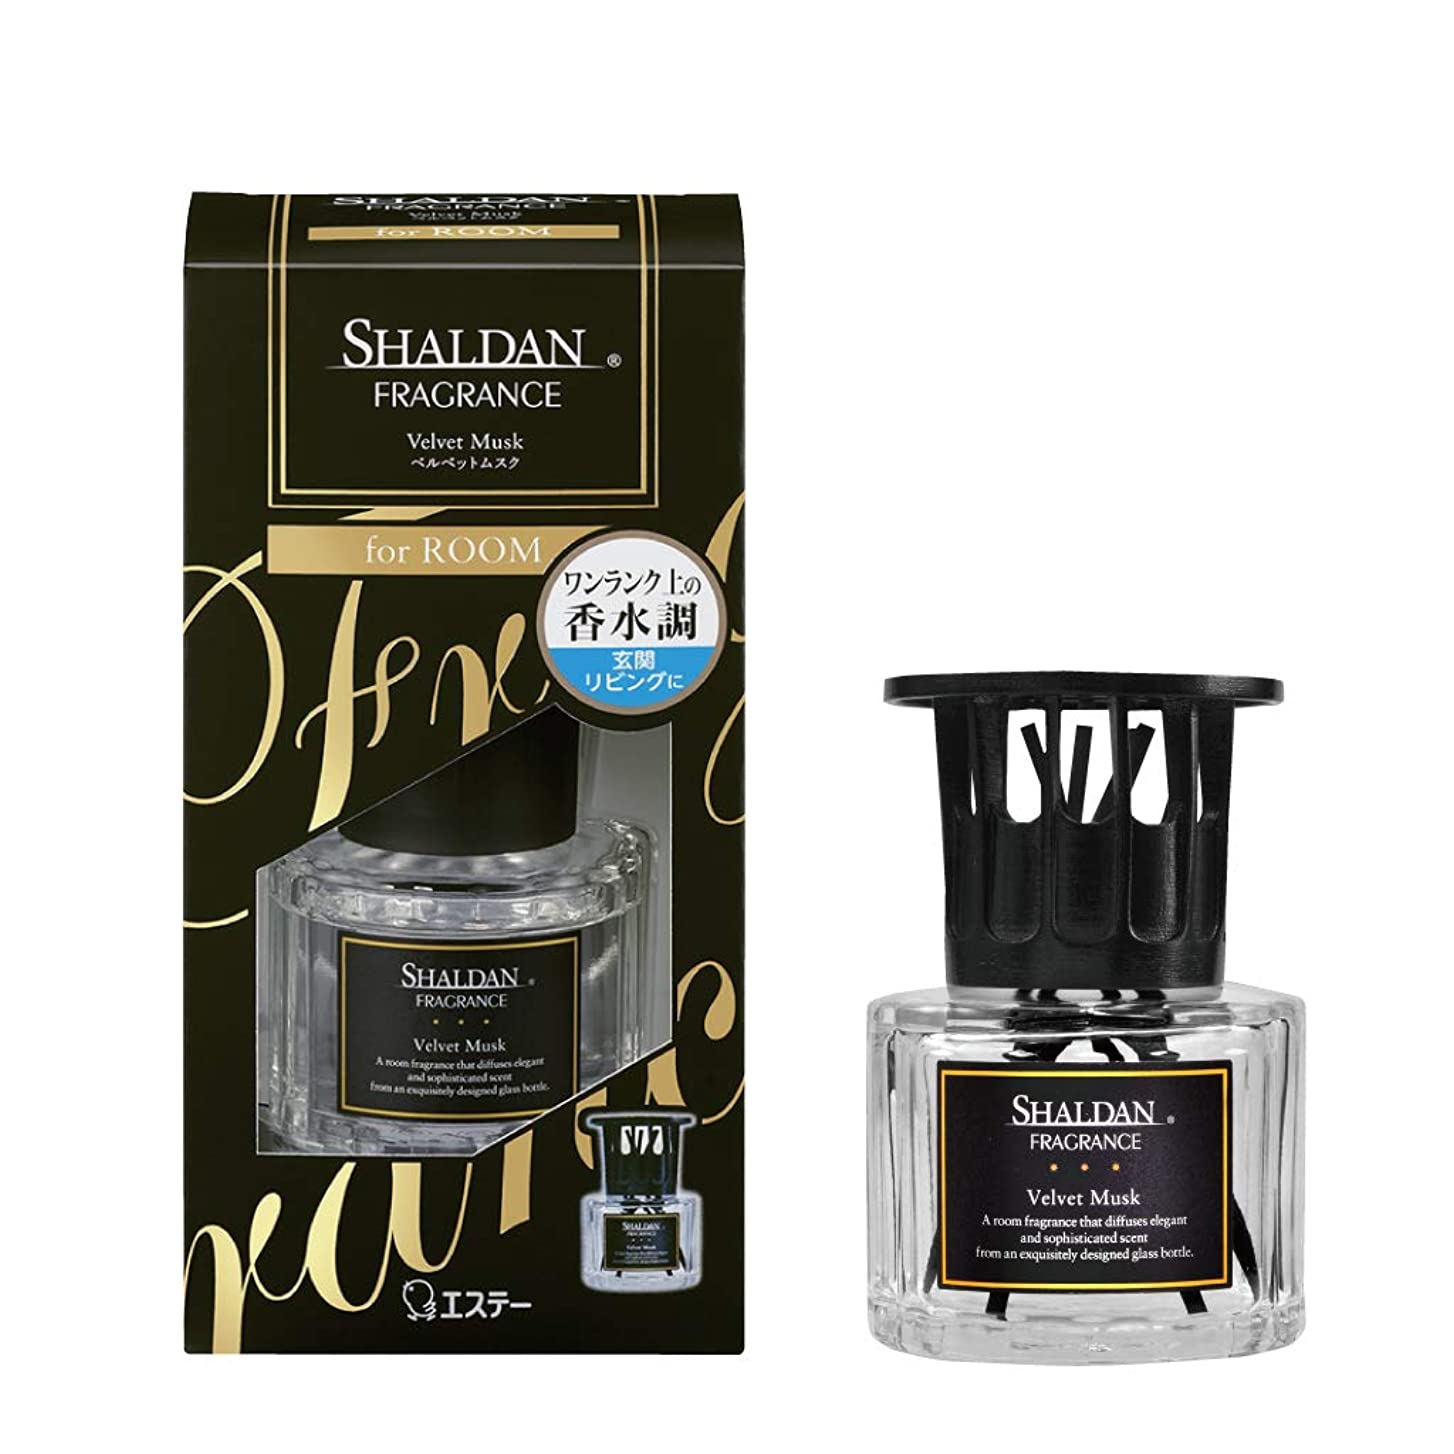 シャルダン SHALDAN フレグランス for ROOM 芳香剤 部屋用 部屋 本体 ベルベットムスク 65ml